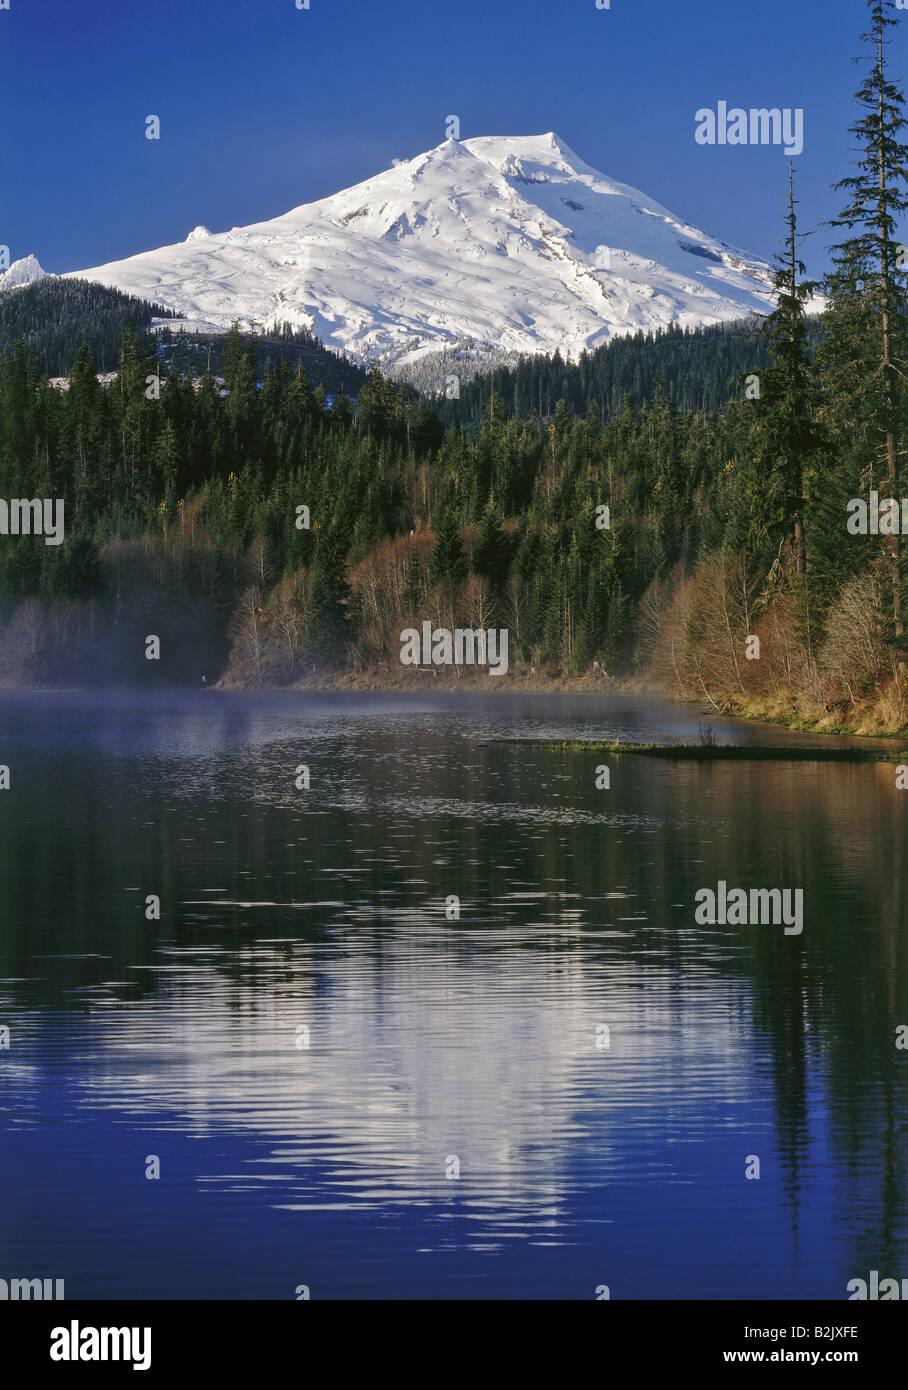 Geografía / viajes, EE.UU., Washington, paisajes, el Monte Baker y Baker Lake, Additional-Rights-Clearance Imagen De Stock